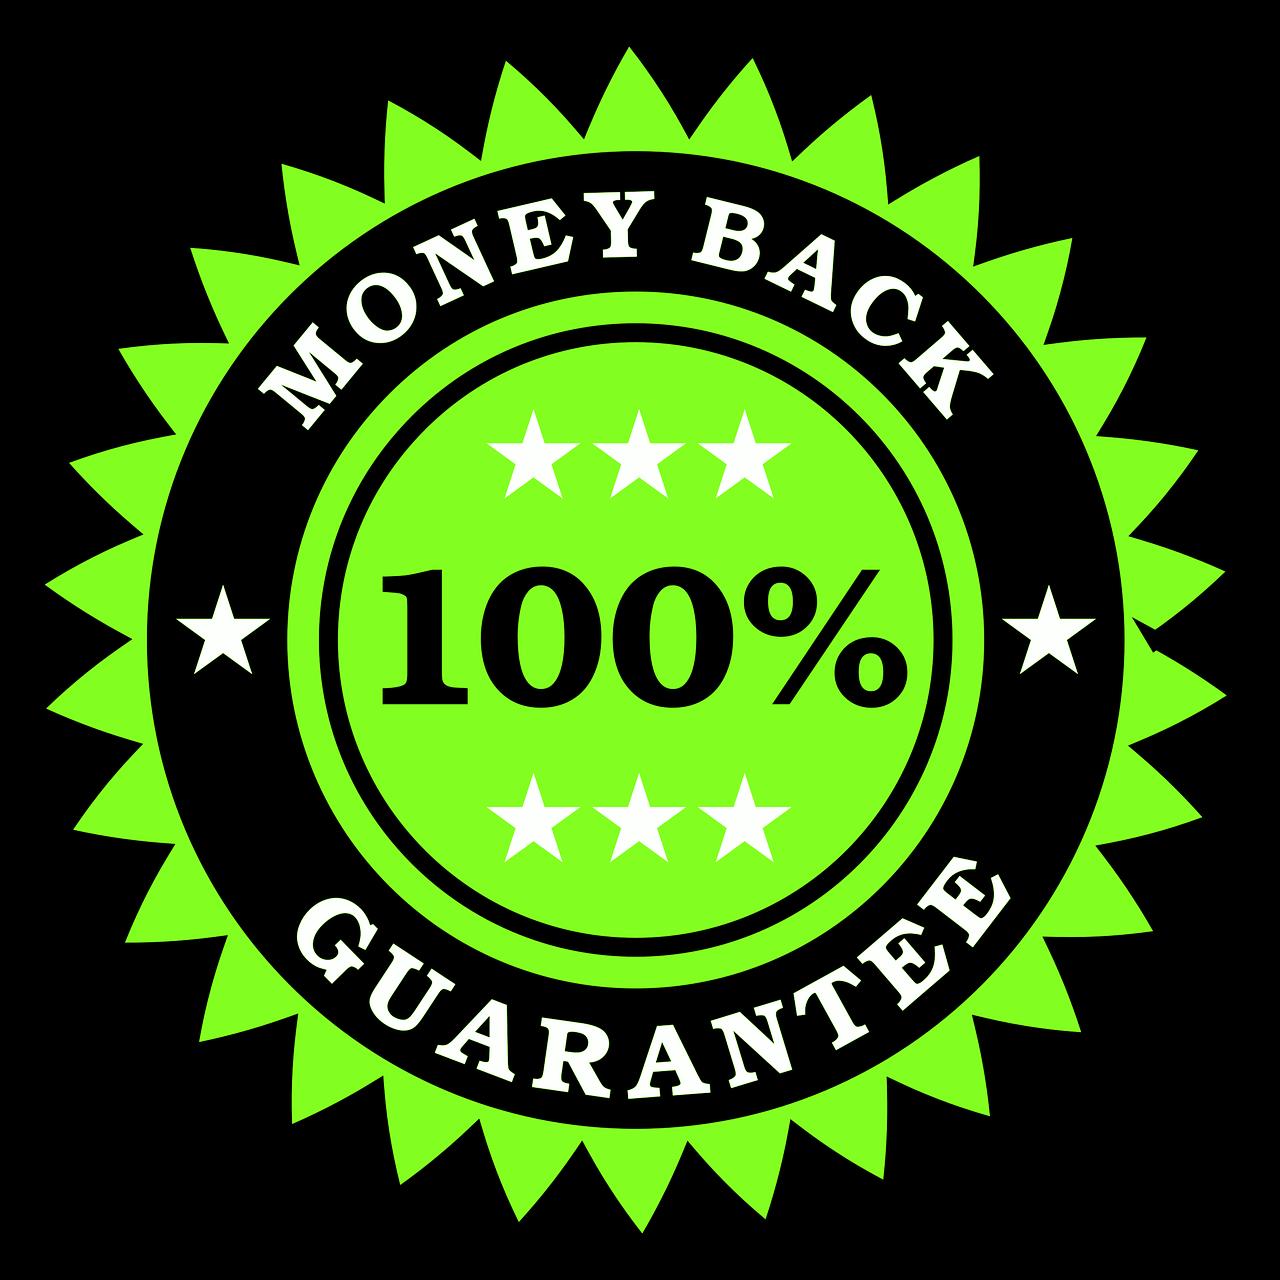 Understanding Returns and eBay's Money Back Guarantee